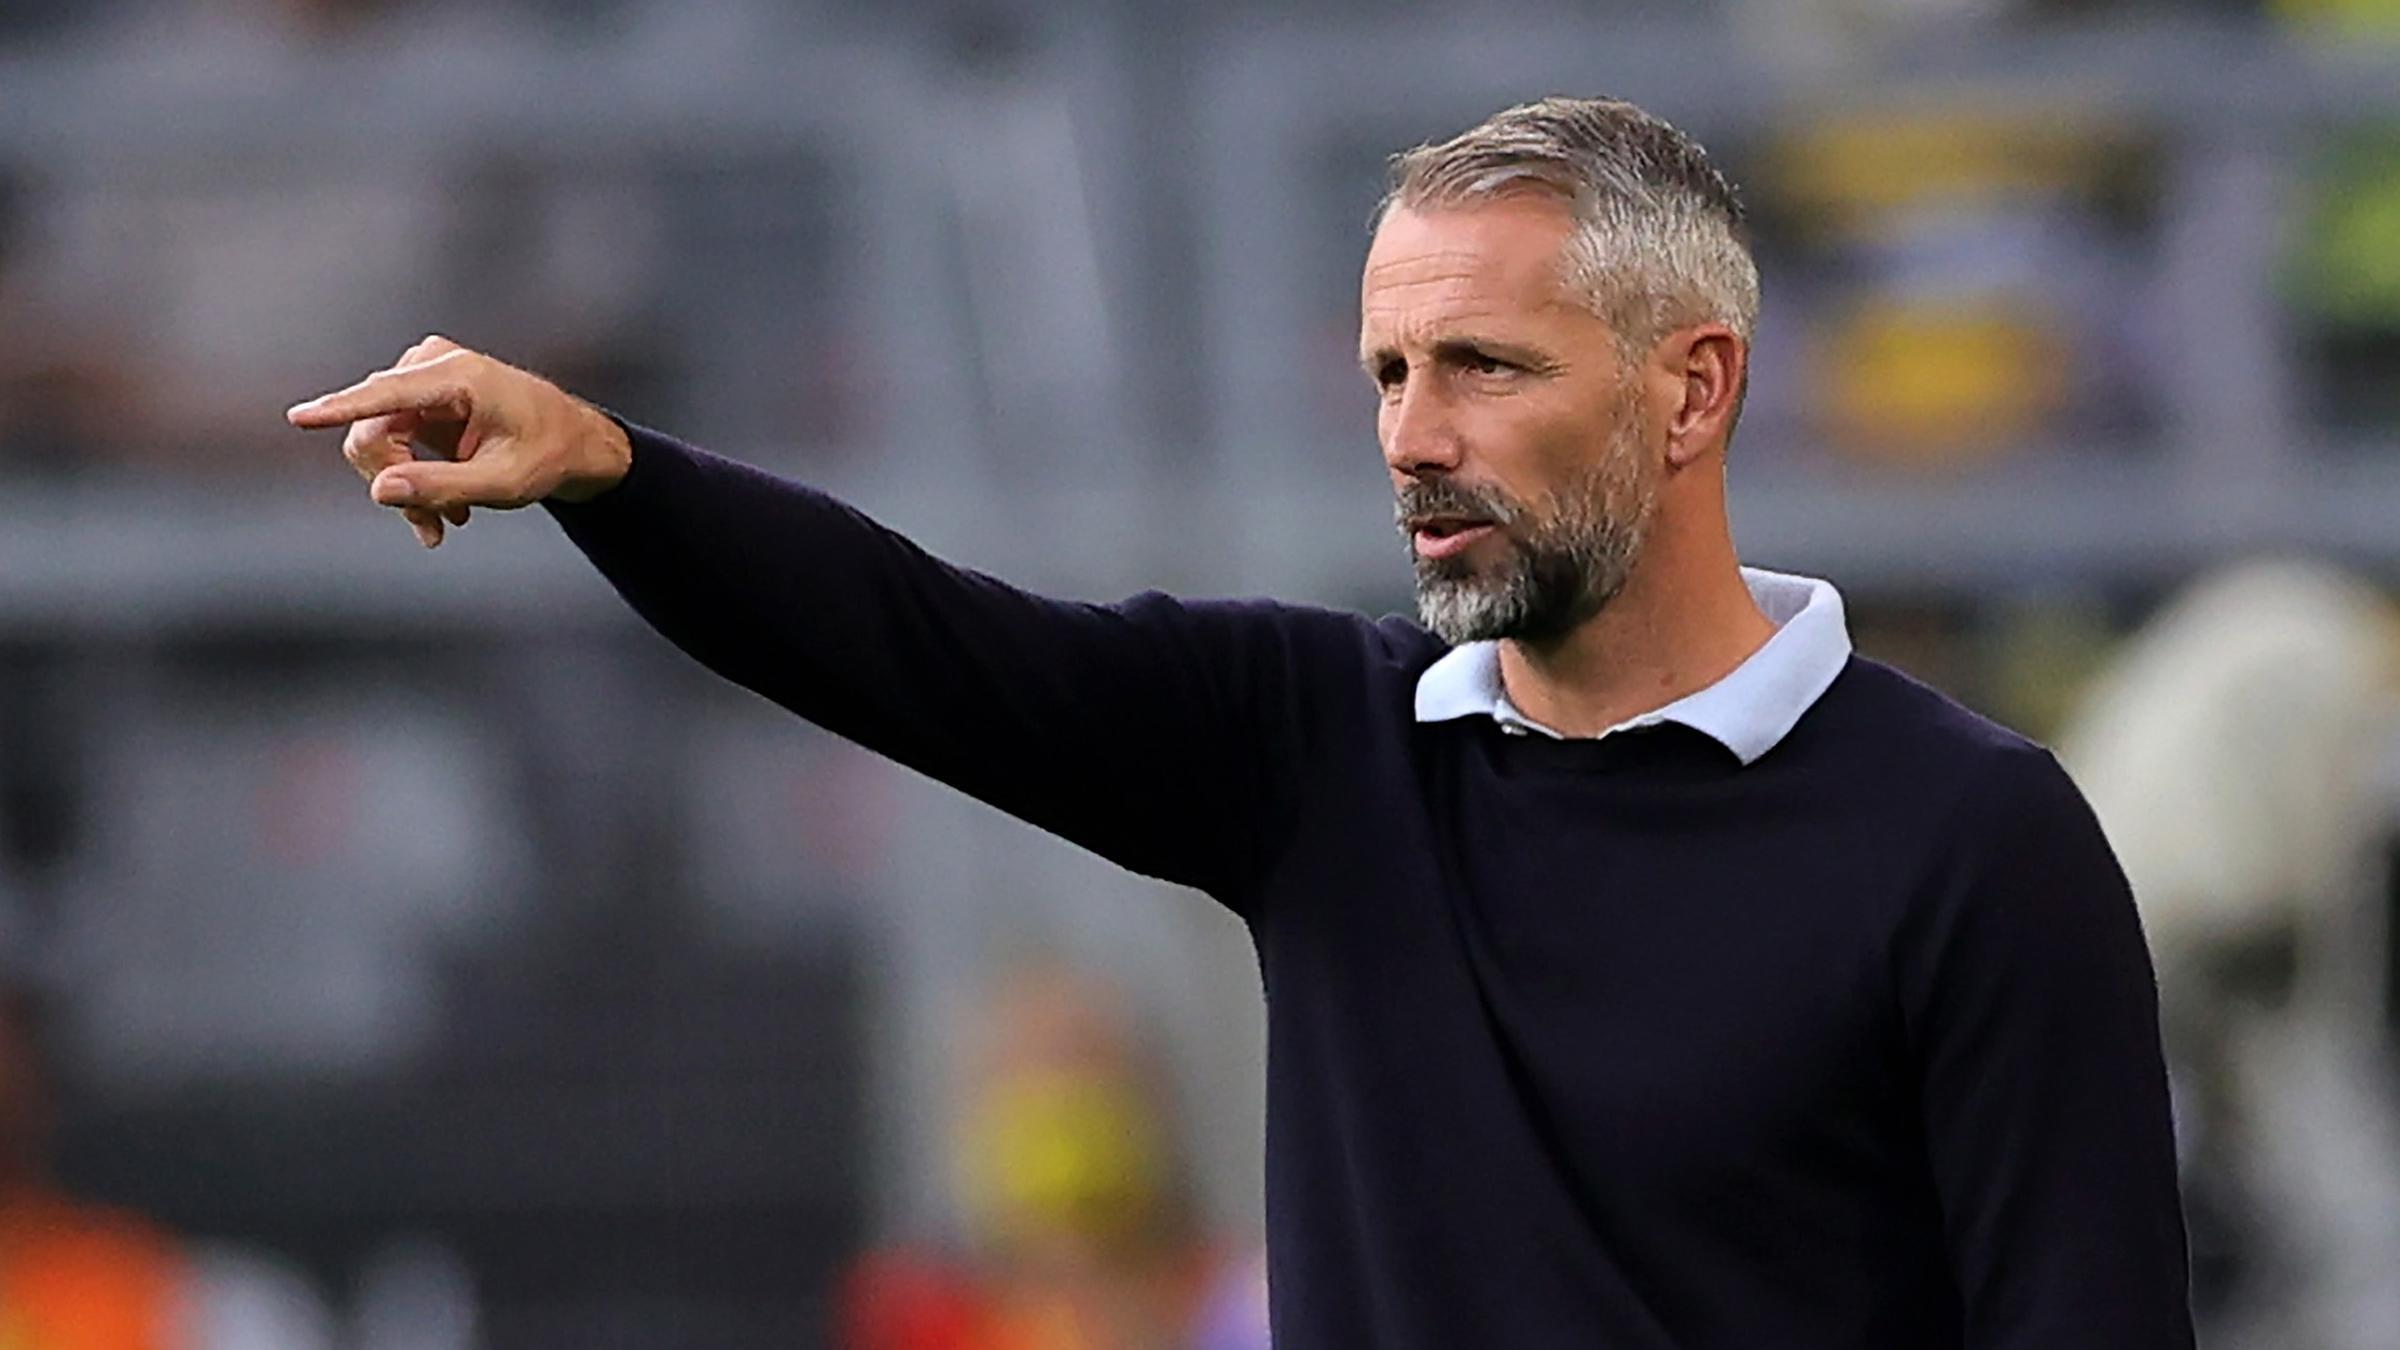 Archiv: Marco Rose der Trainer von Borussia Mönchengladbach am 19.09.2020 in Dortmund.